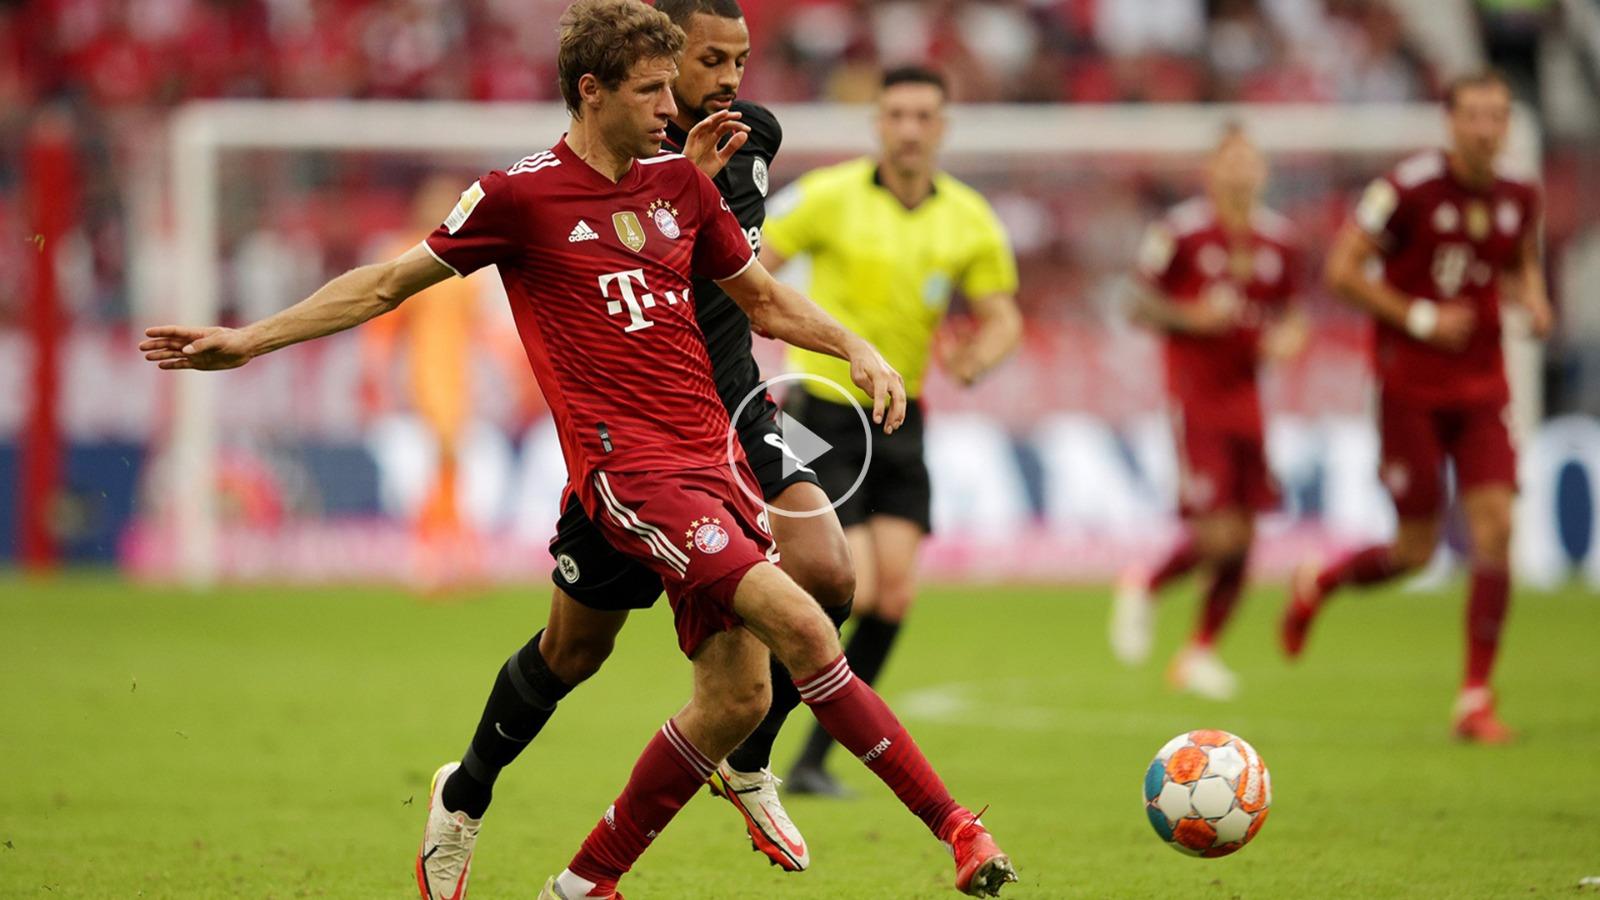 بالفيديو...أهداف الأسبوع السابع من الدوري الألماني